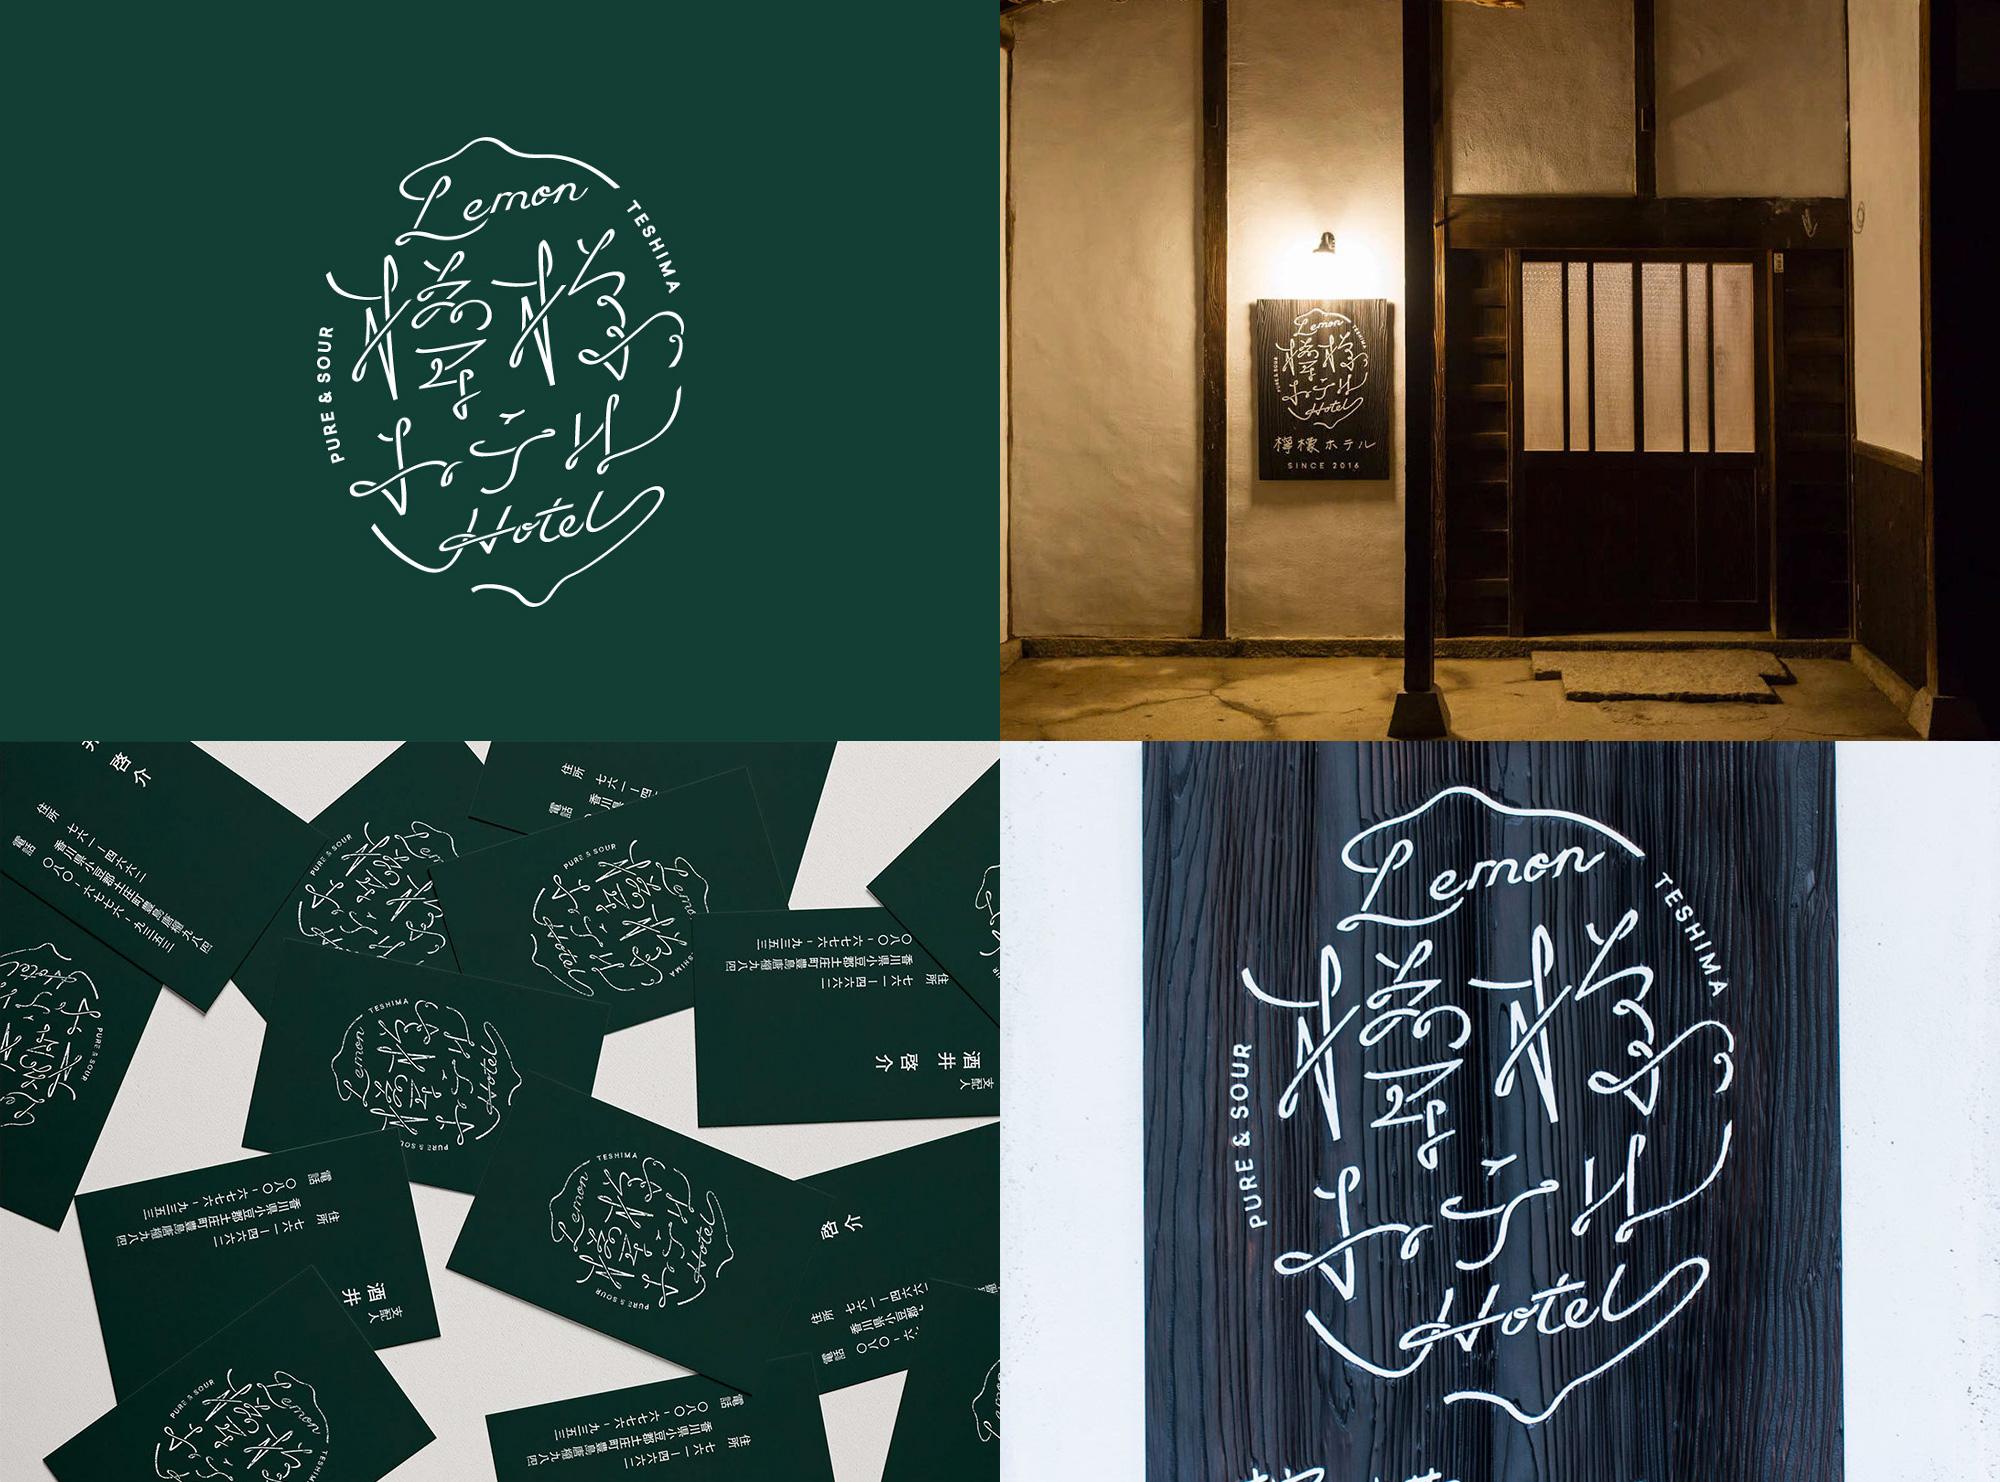 Lemon Hotel by Tomomi Maezawa and Takram